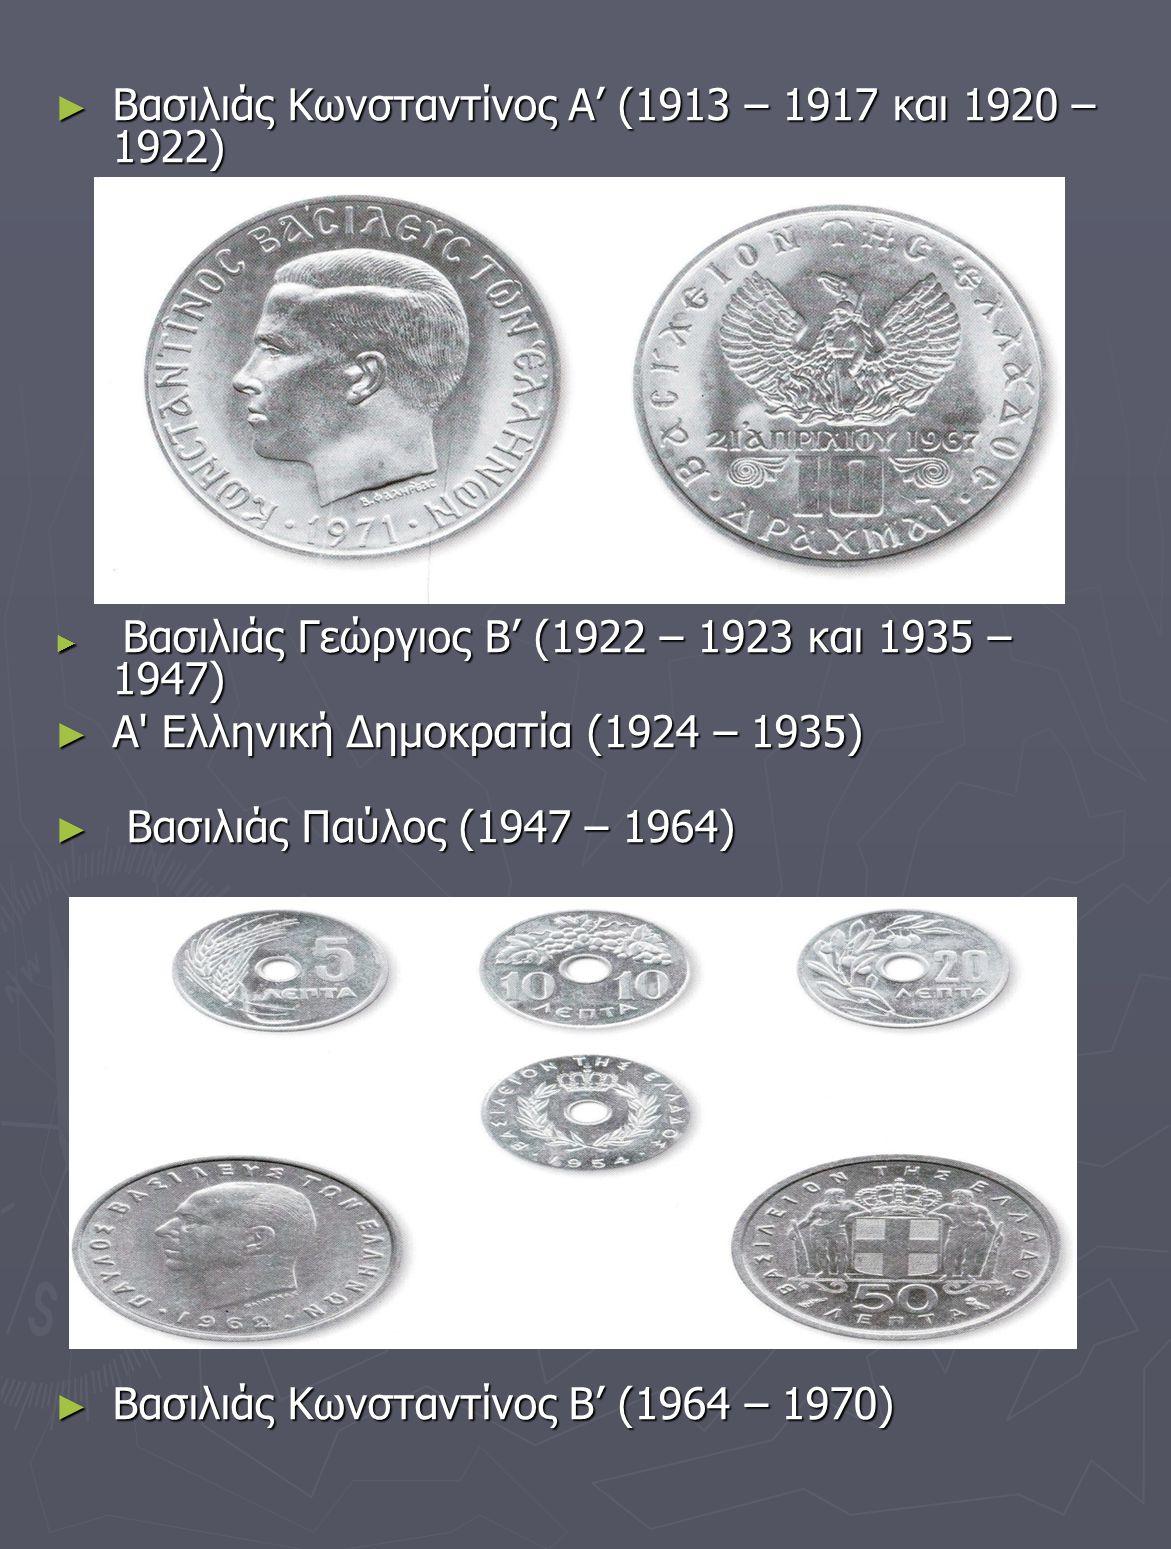 ► Βασιλιάς Κωνσταντίνος Α' (1913 – 1917 και 1920 – 1922) ► Βασιλιάς Γεώργιος Β' (1922 – 1923 και 1935 – 1947) ► Α' Ελληνική Δημοκρατία (1924 – 1935) ►